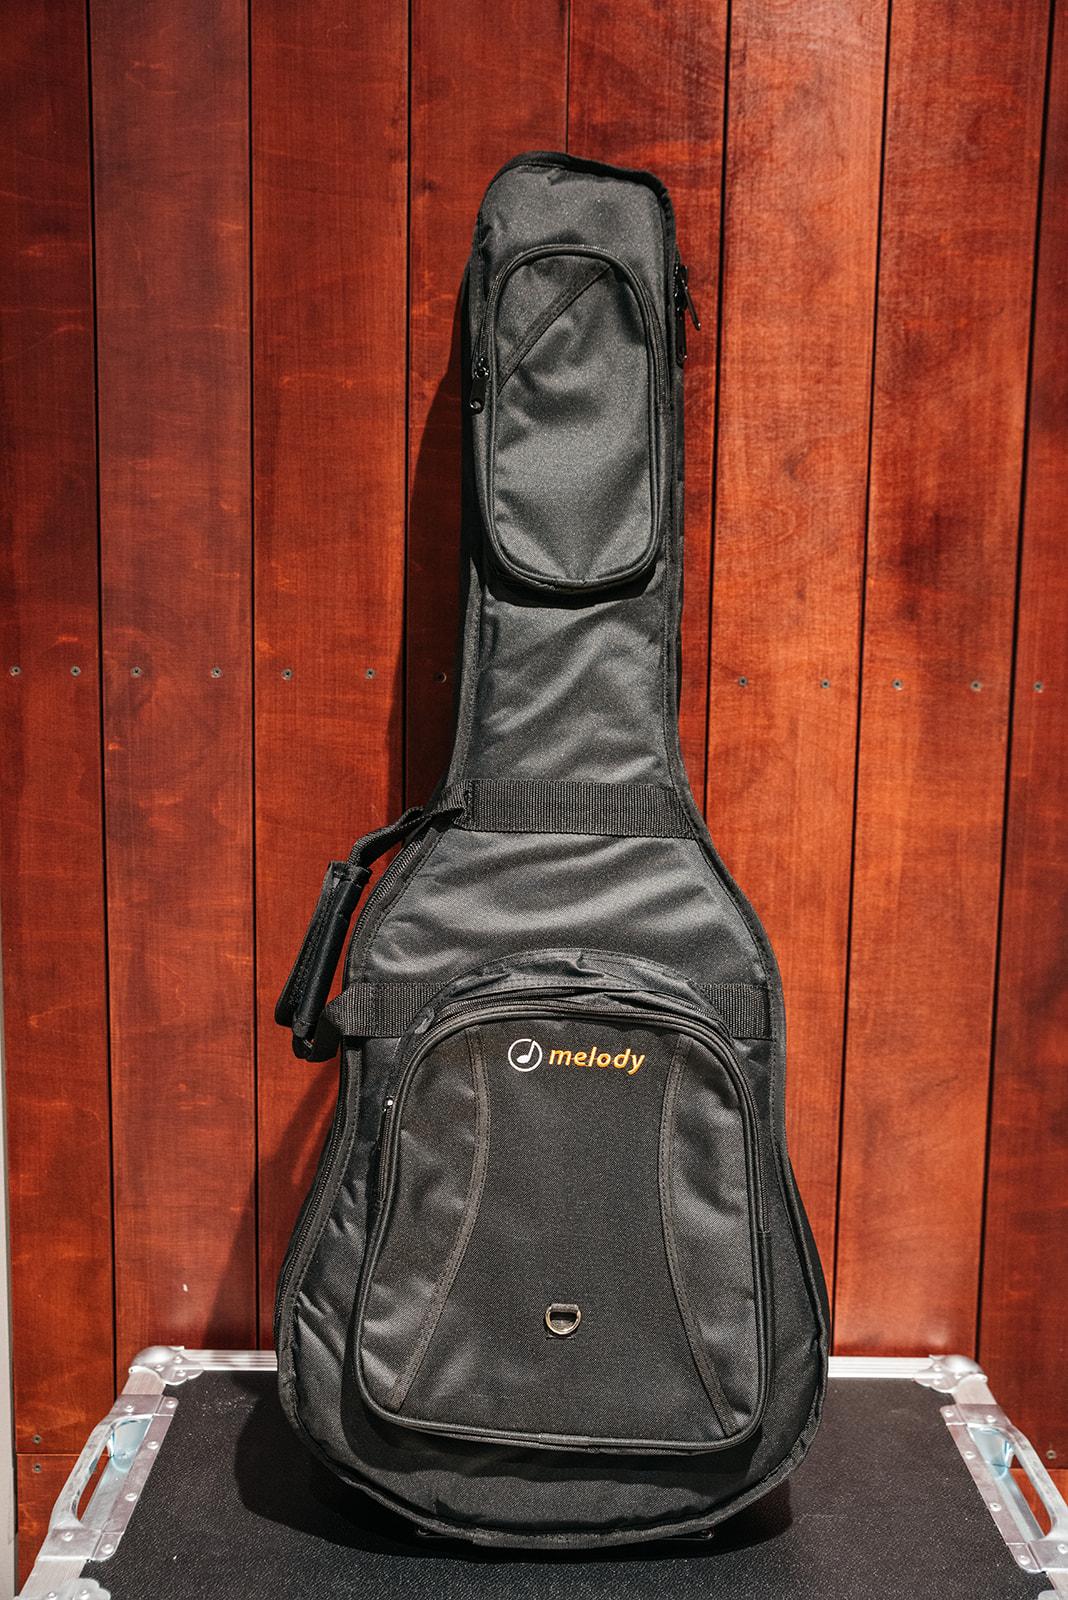 Melody Classical Guitar Gig Bag Black